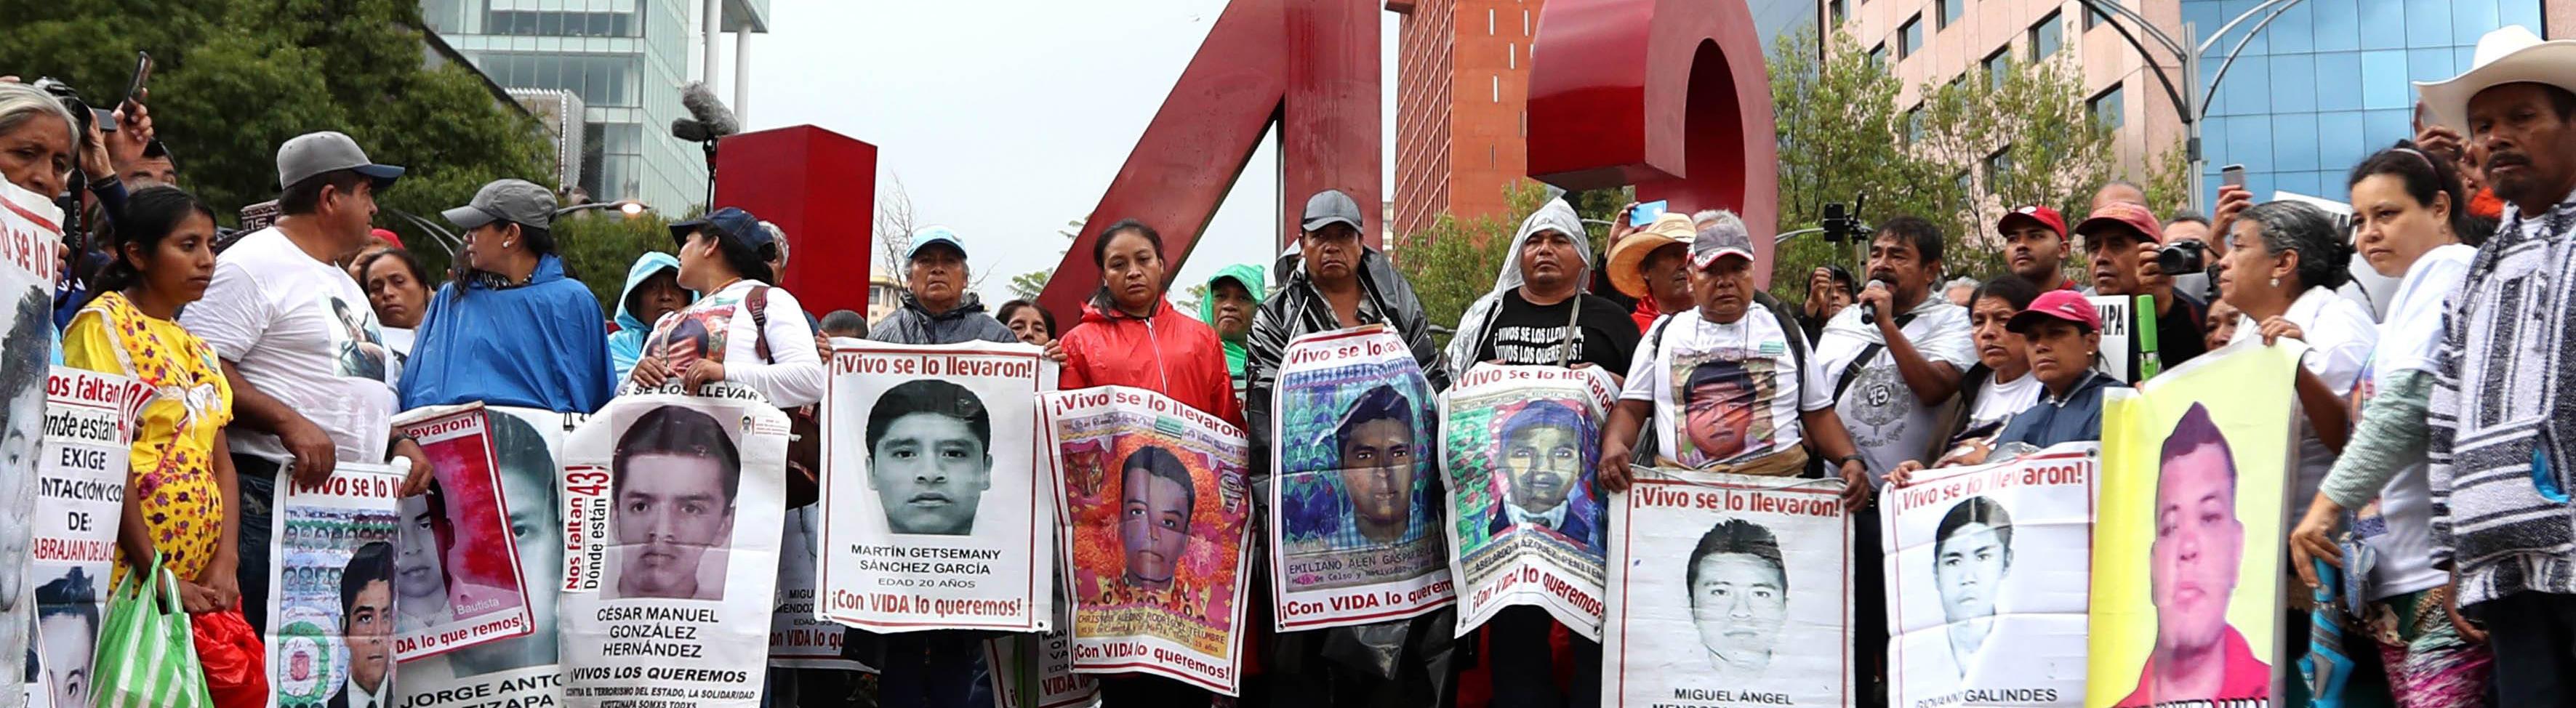 43 Studenten seit drei Jahren verschwunden, Demo in Mexiko-Stadt September 26, 2018